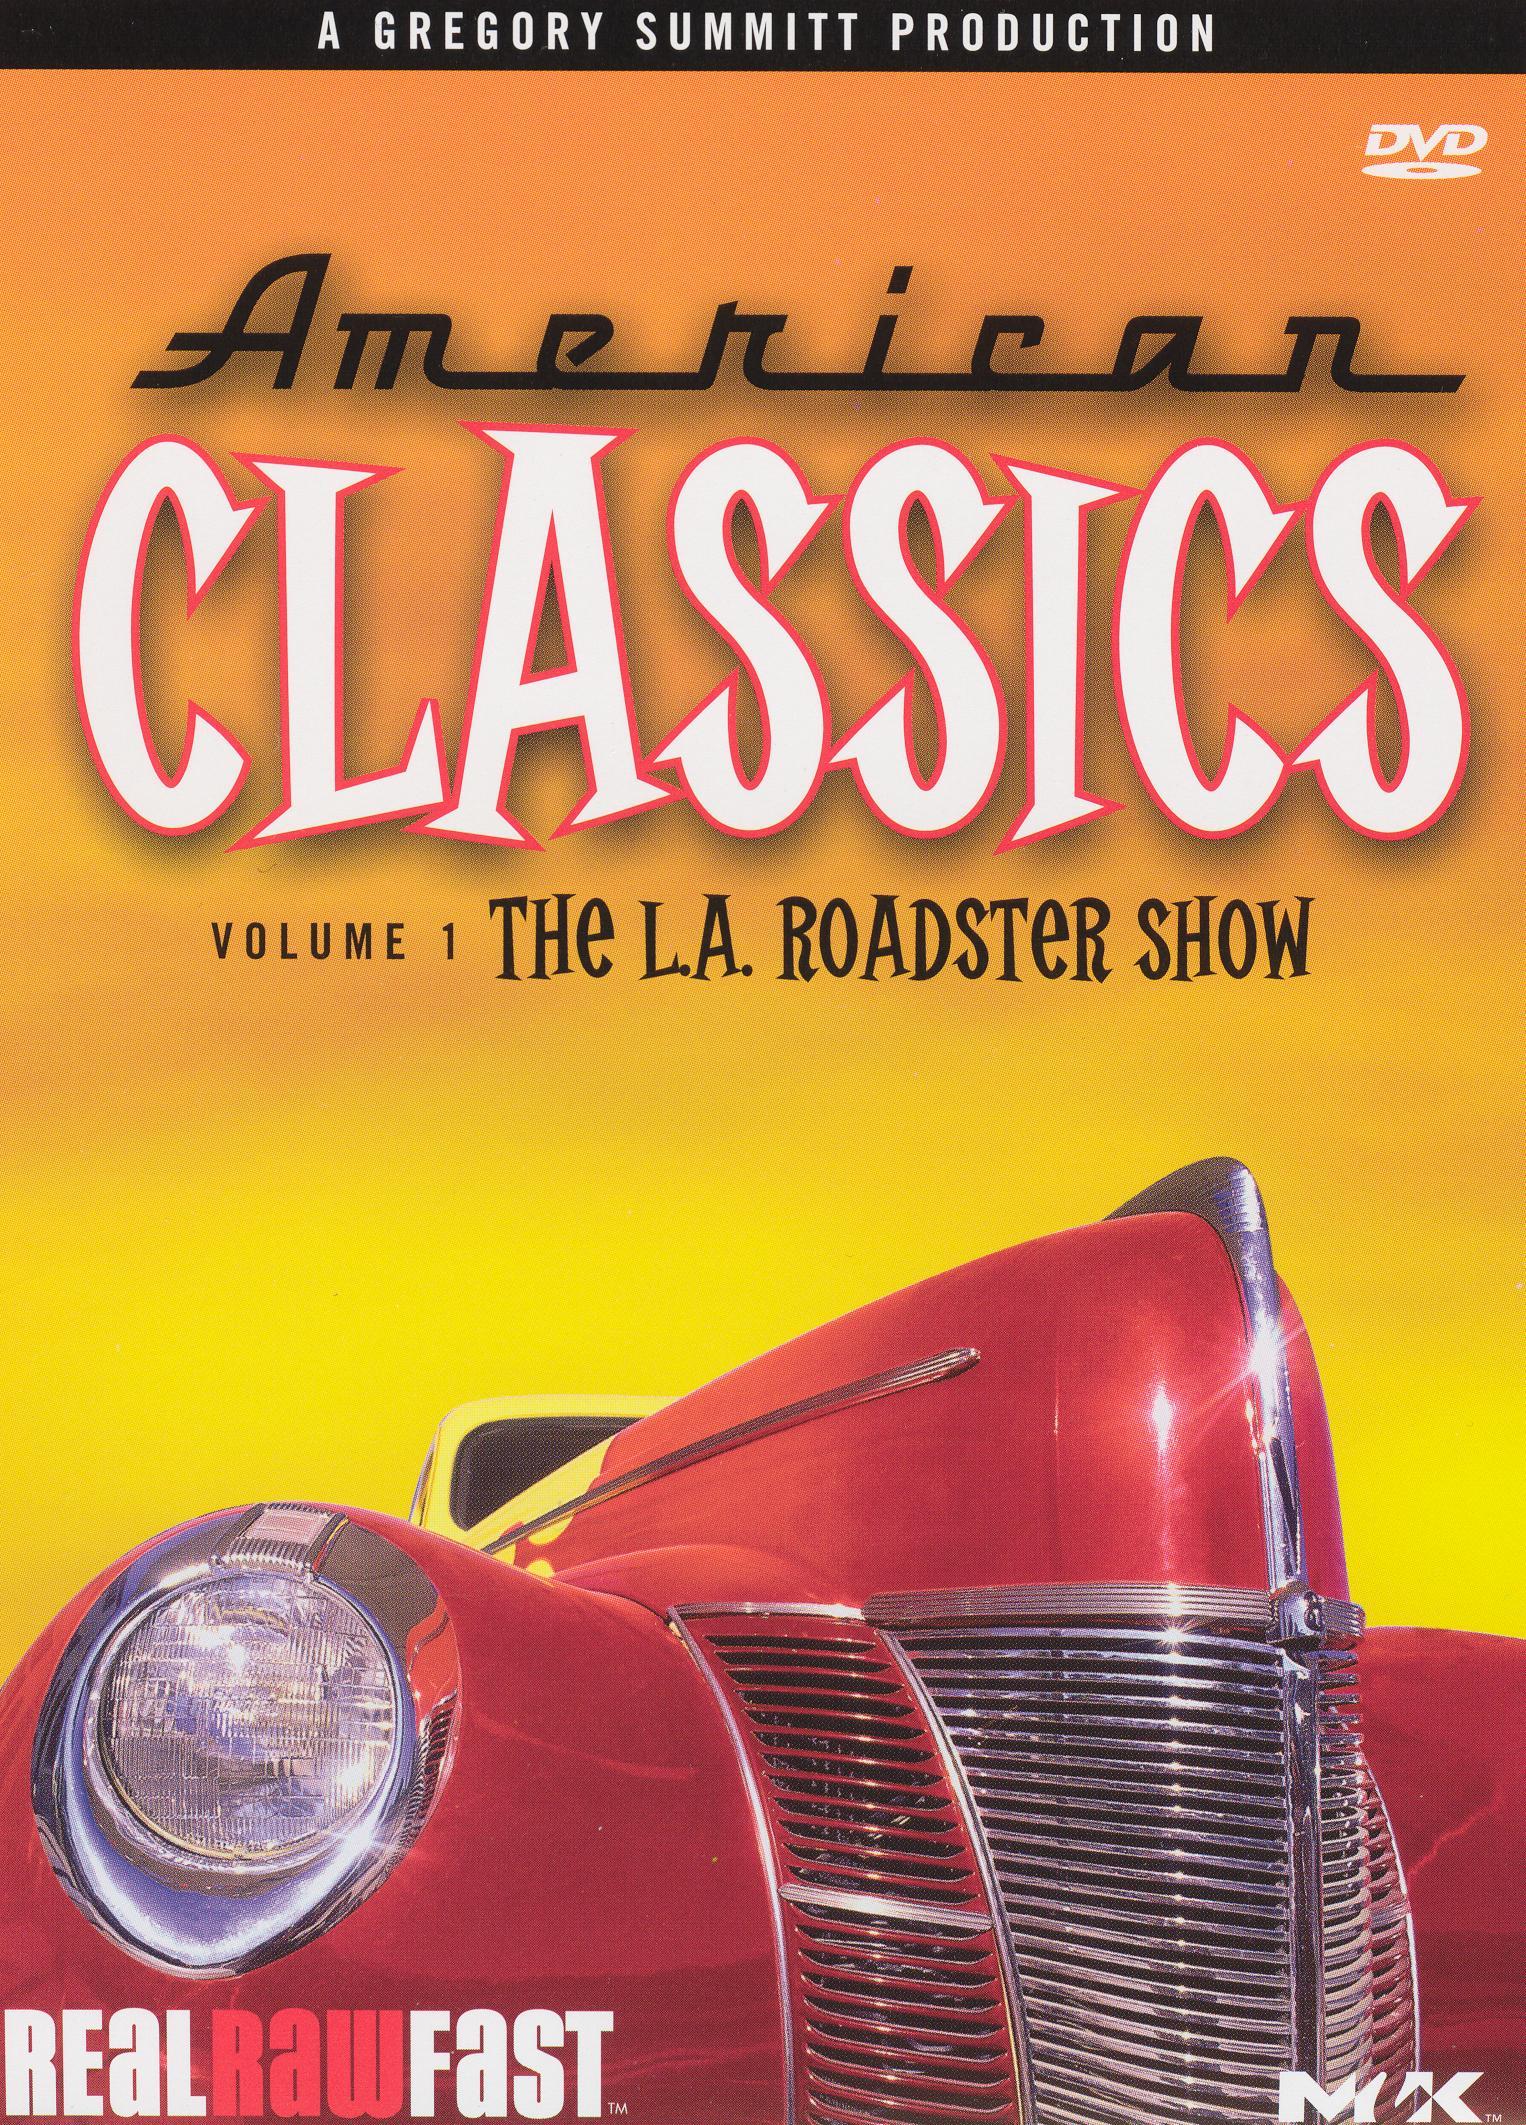 American Classics, Vol. 1: The L.A. Roadster Show